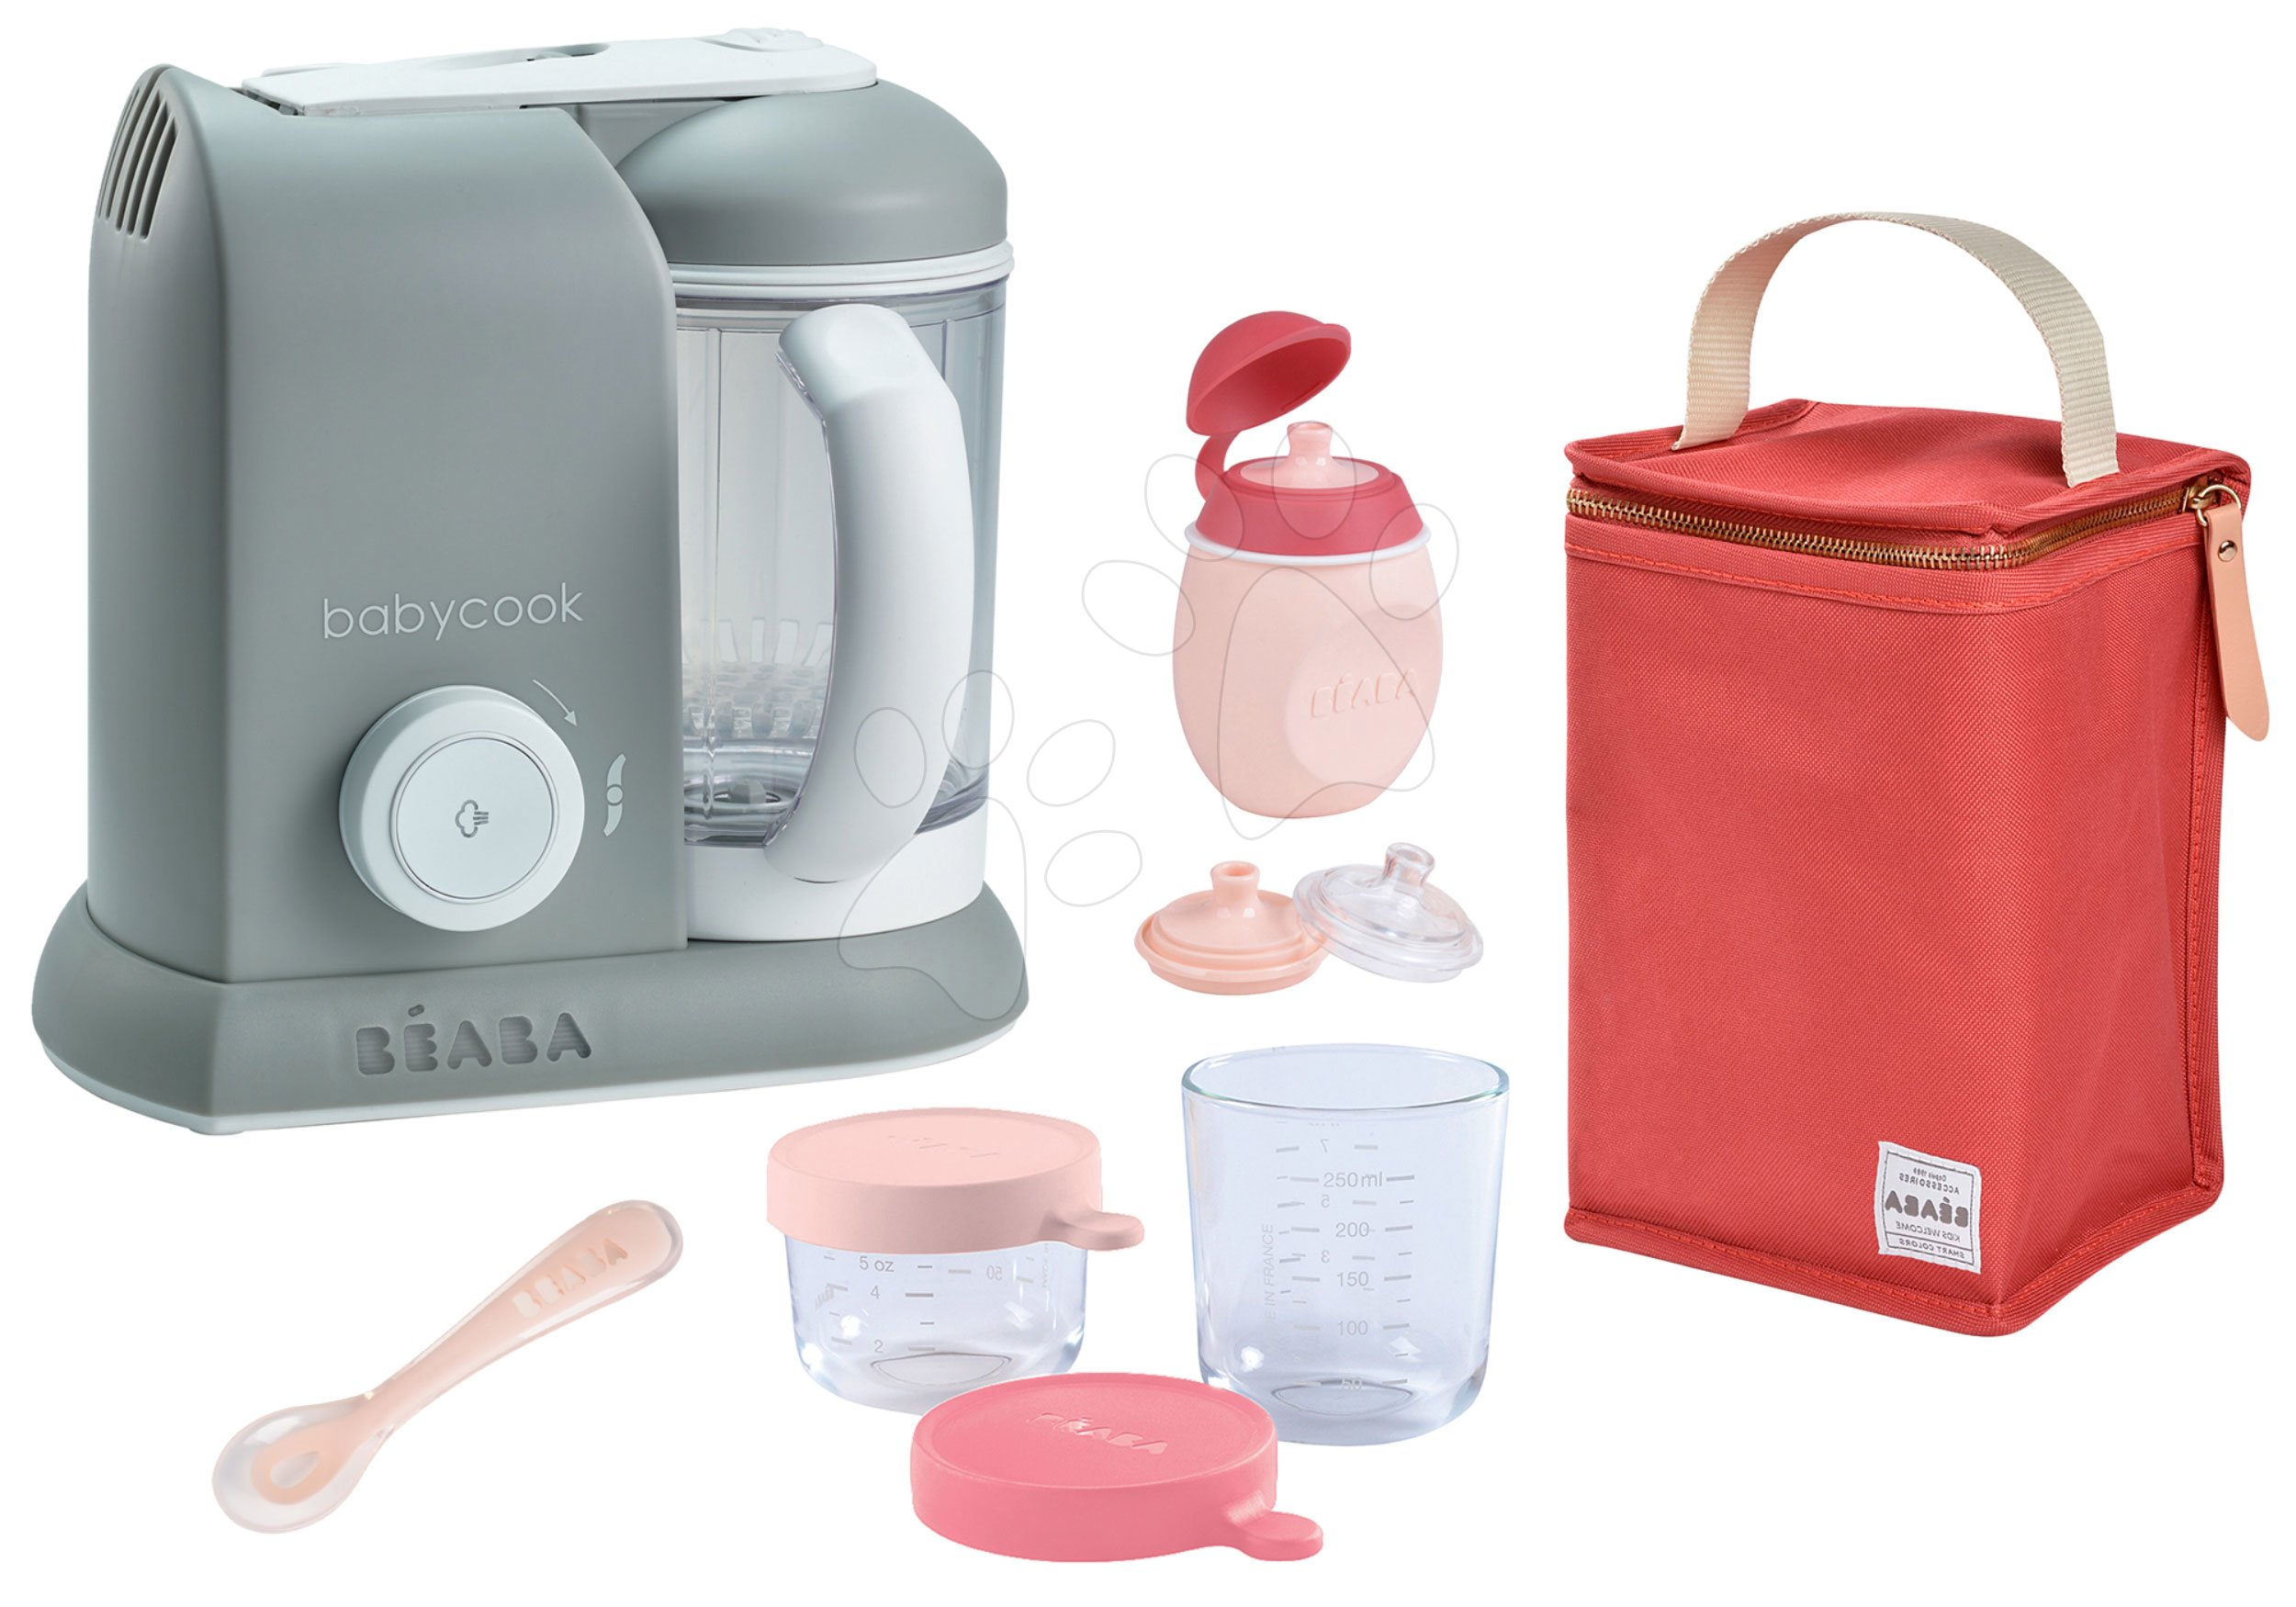 Szett ételpároló és turmixgép Babycook® Solo Beaba + ajándék 2 ételtároló, palack fedéllel, kiskanál és thermo tartó szürke  0 hó-tól